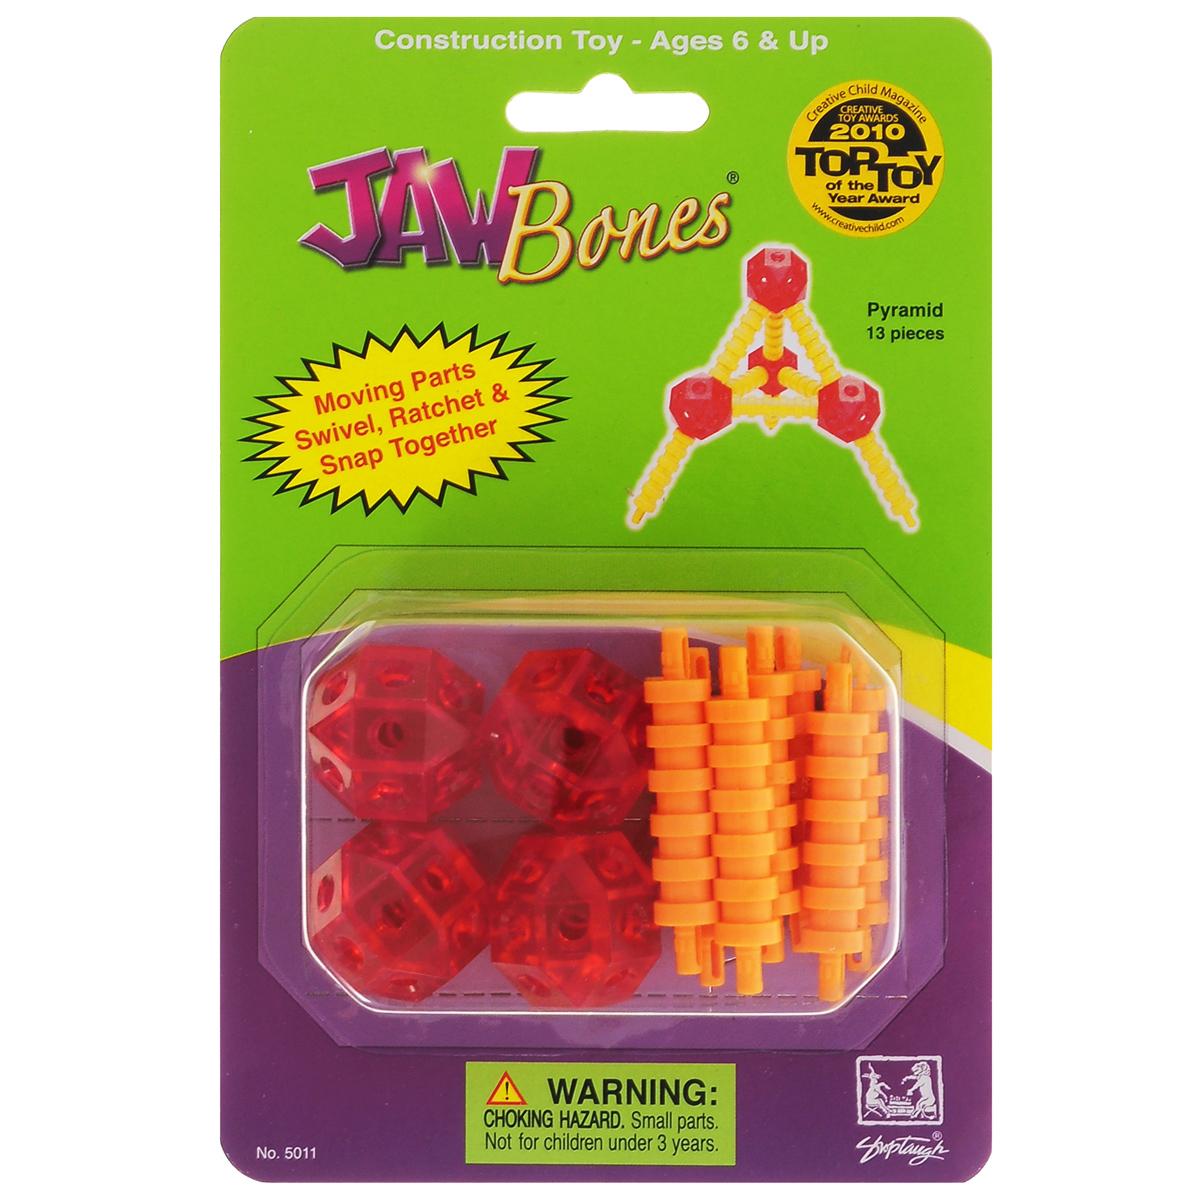 Jawbones Конструктор Пирамида jawbones конструктор велосипед jawbones в блистере 13 деталей